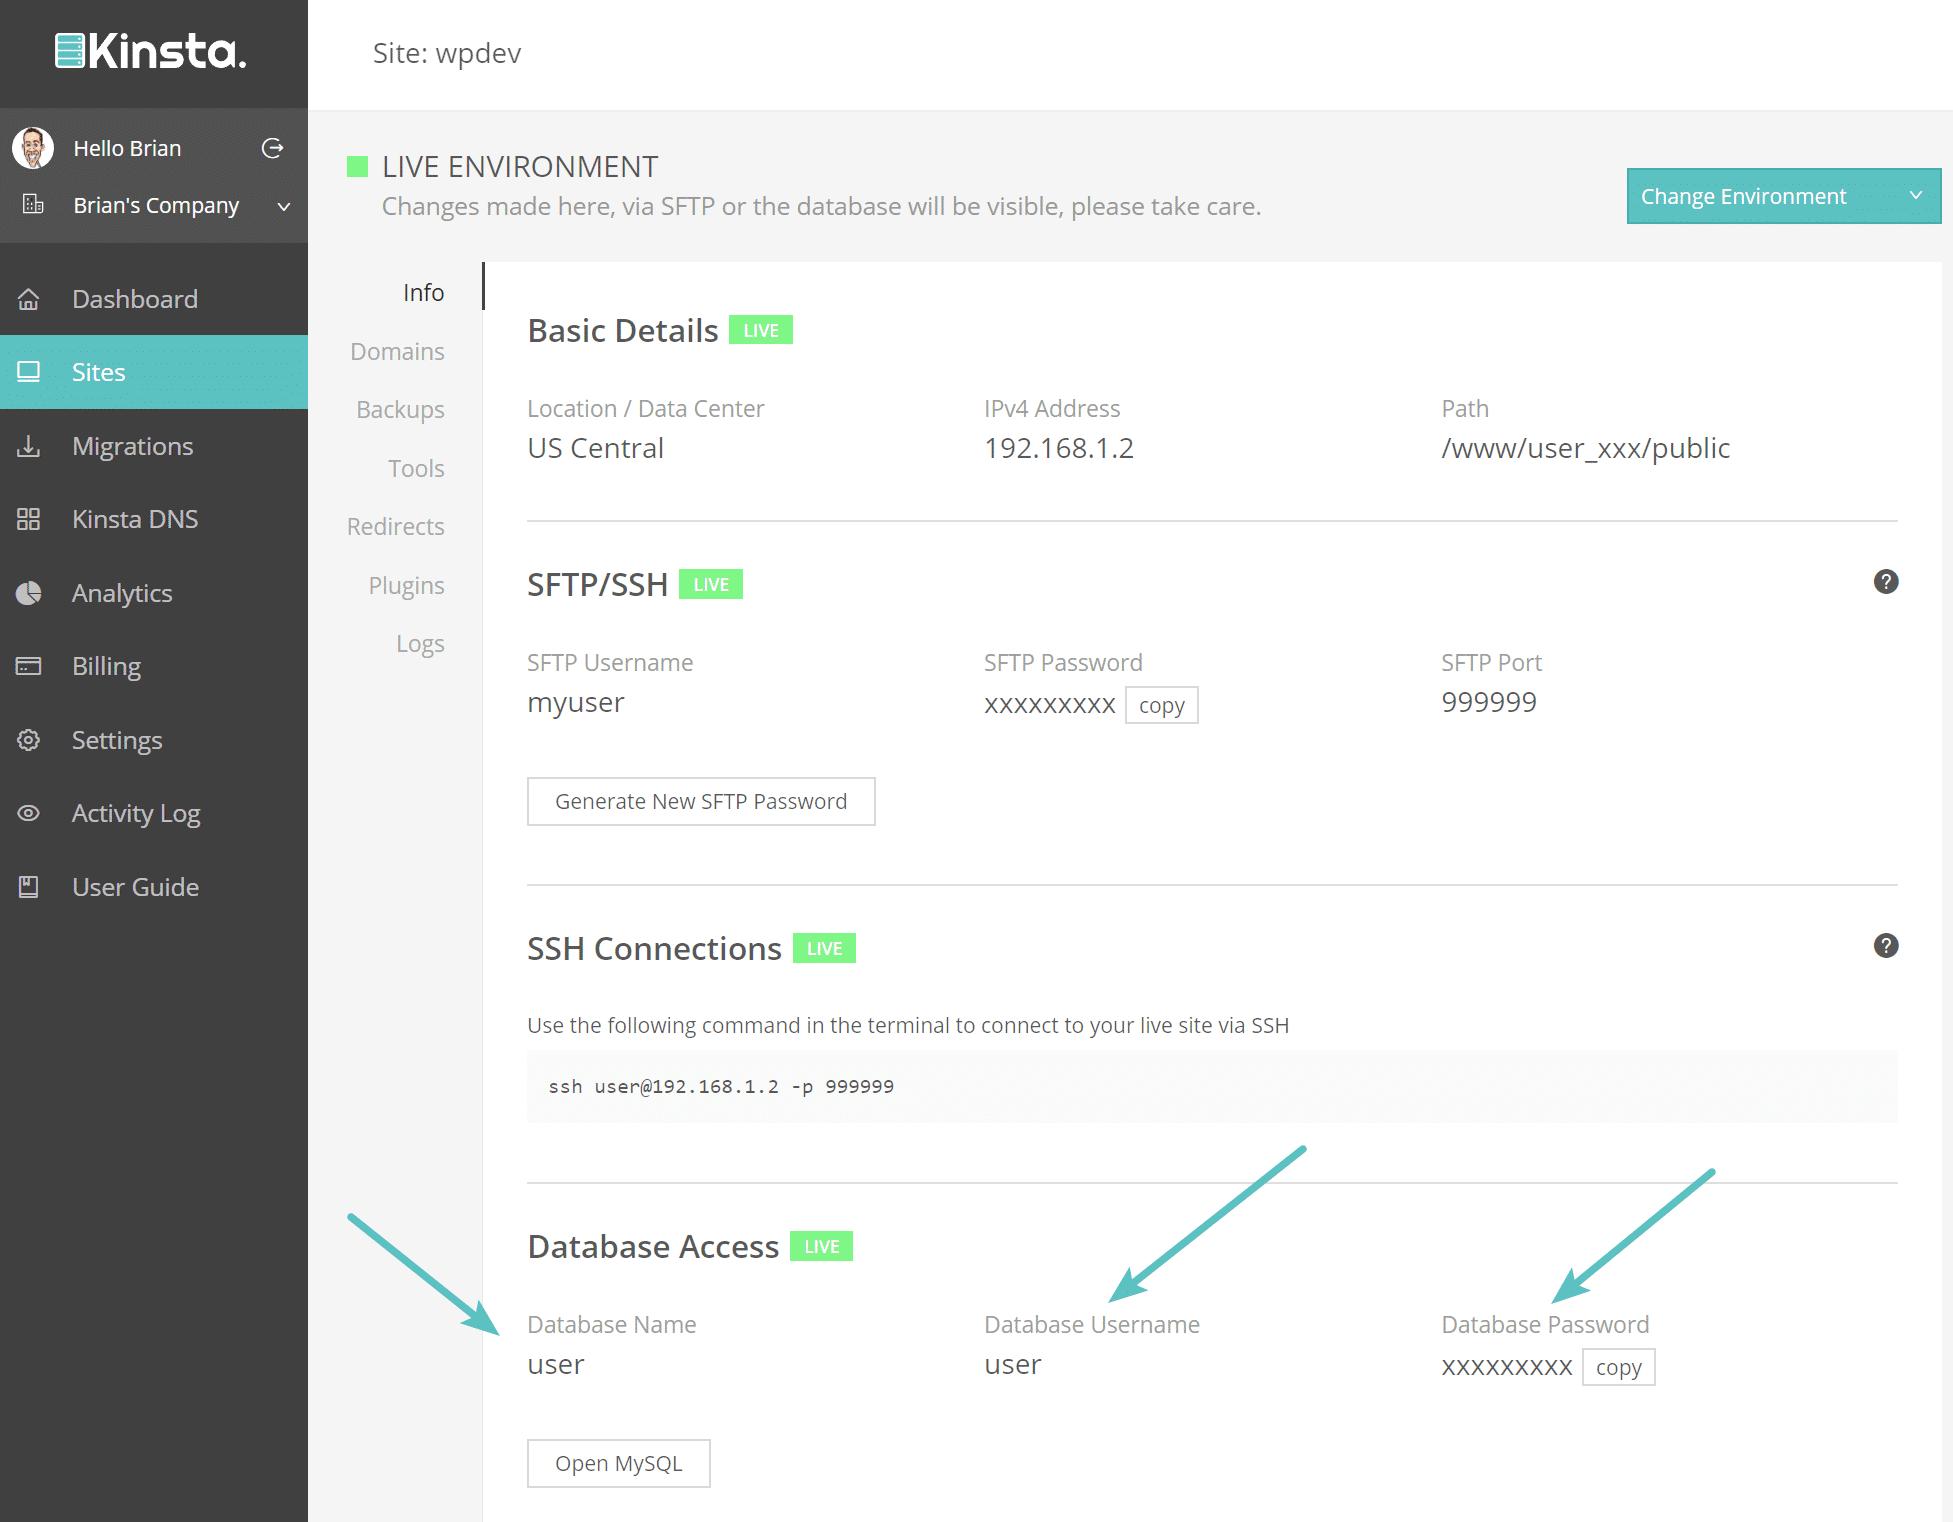 Identifiants de connexion à la base de données Kinsta